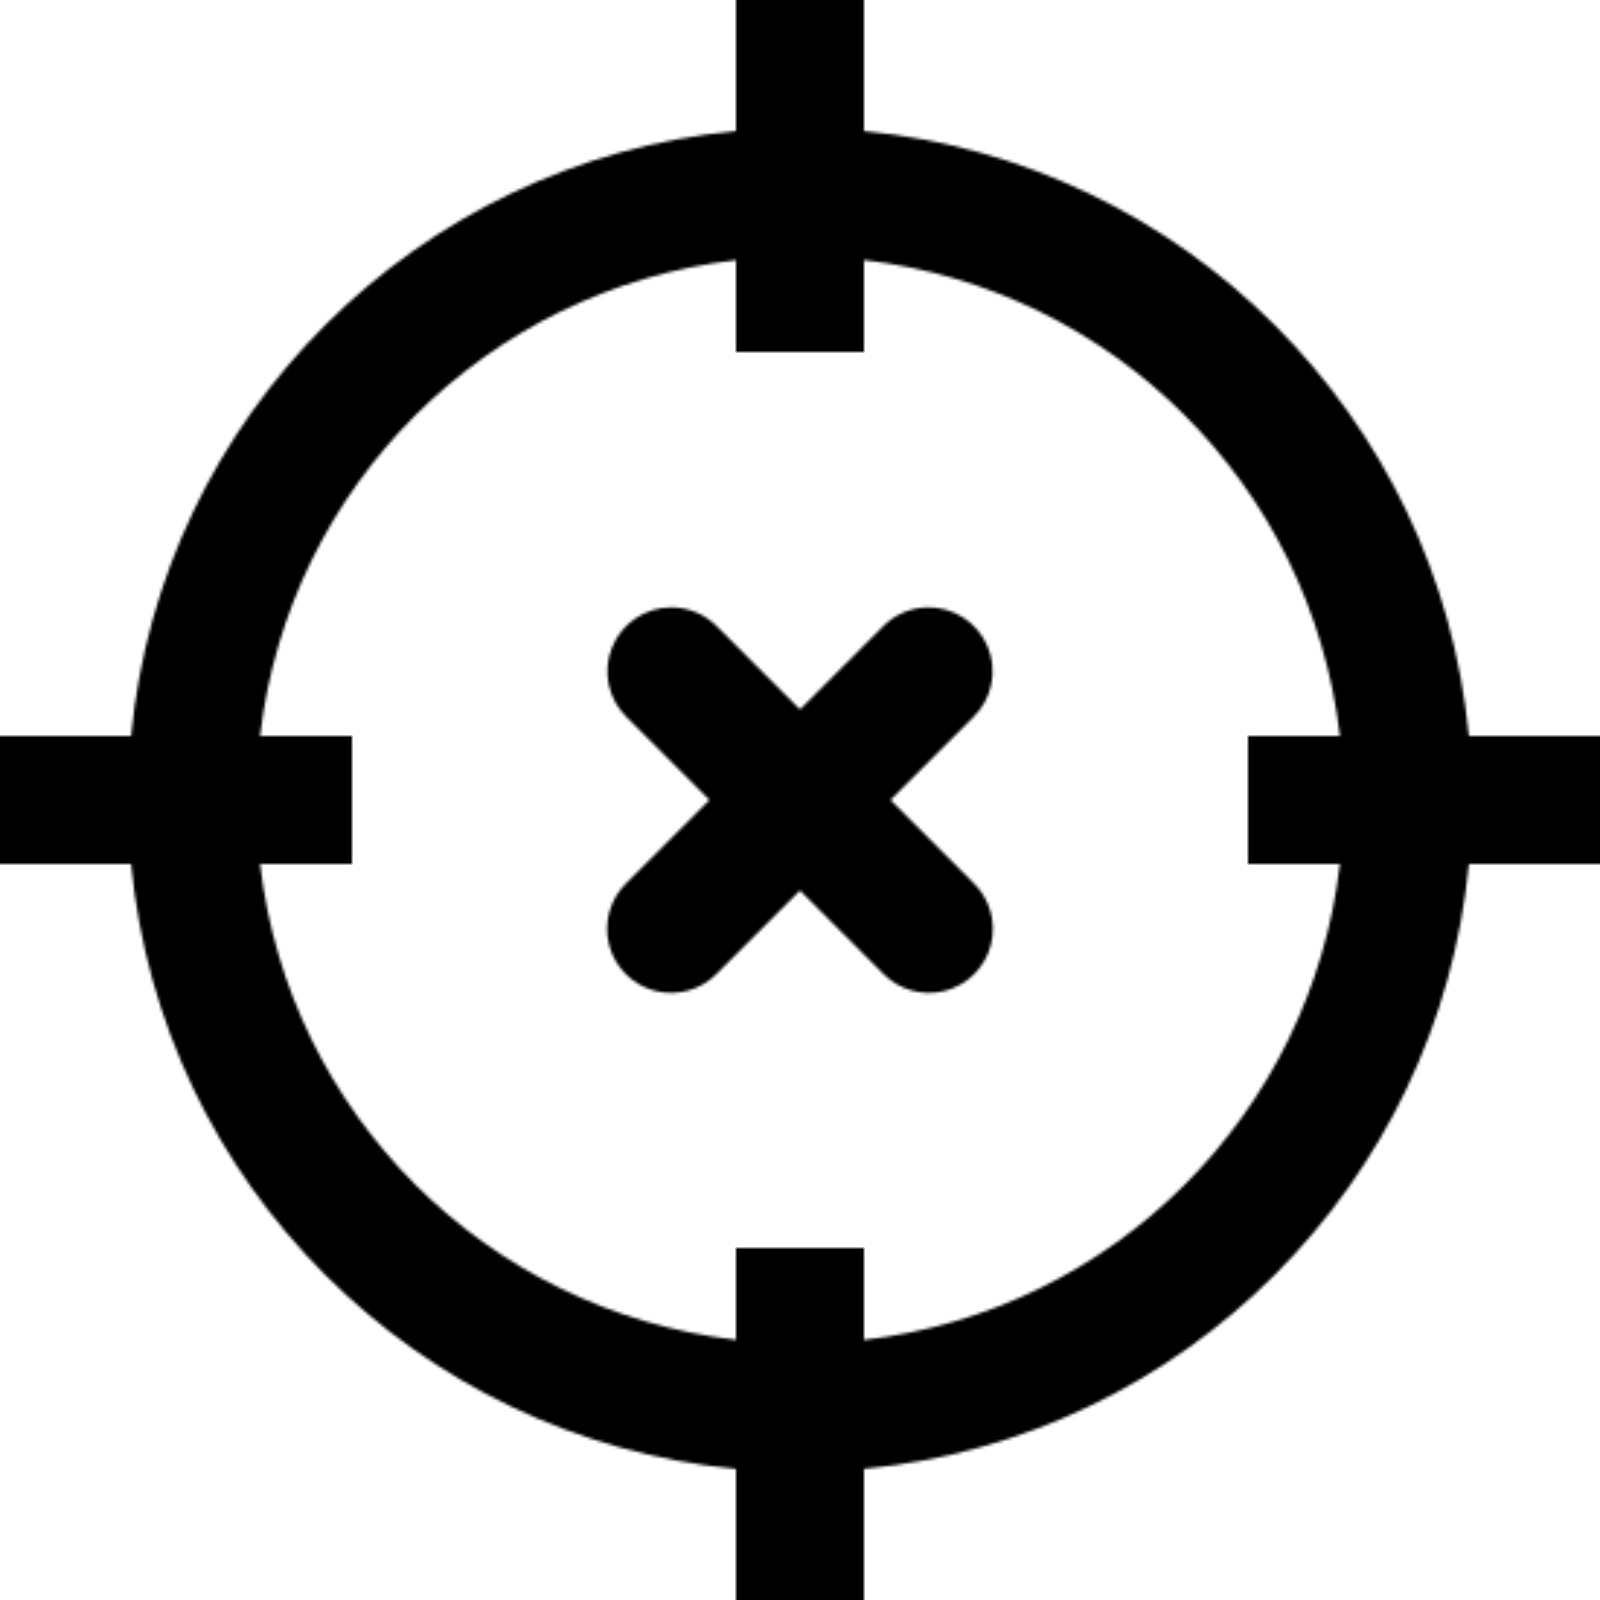 Lokalizacja wyłączona icon